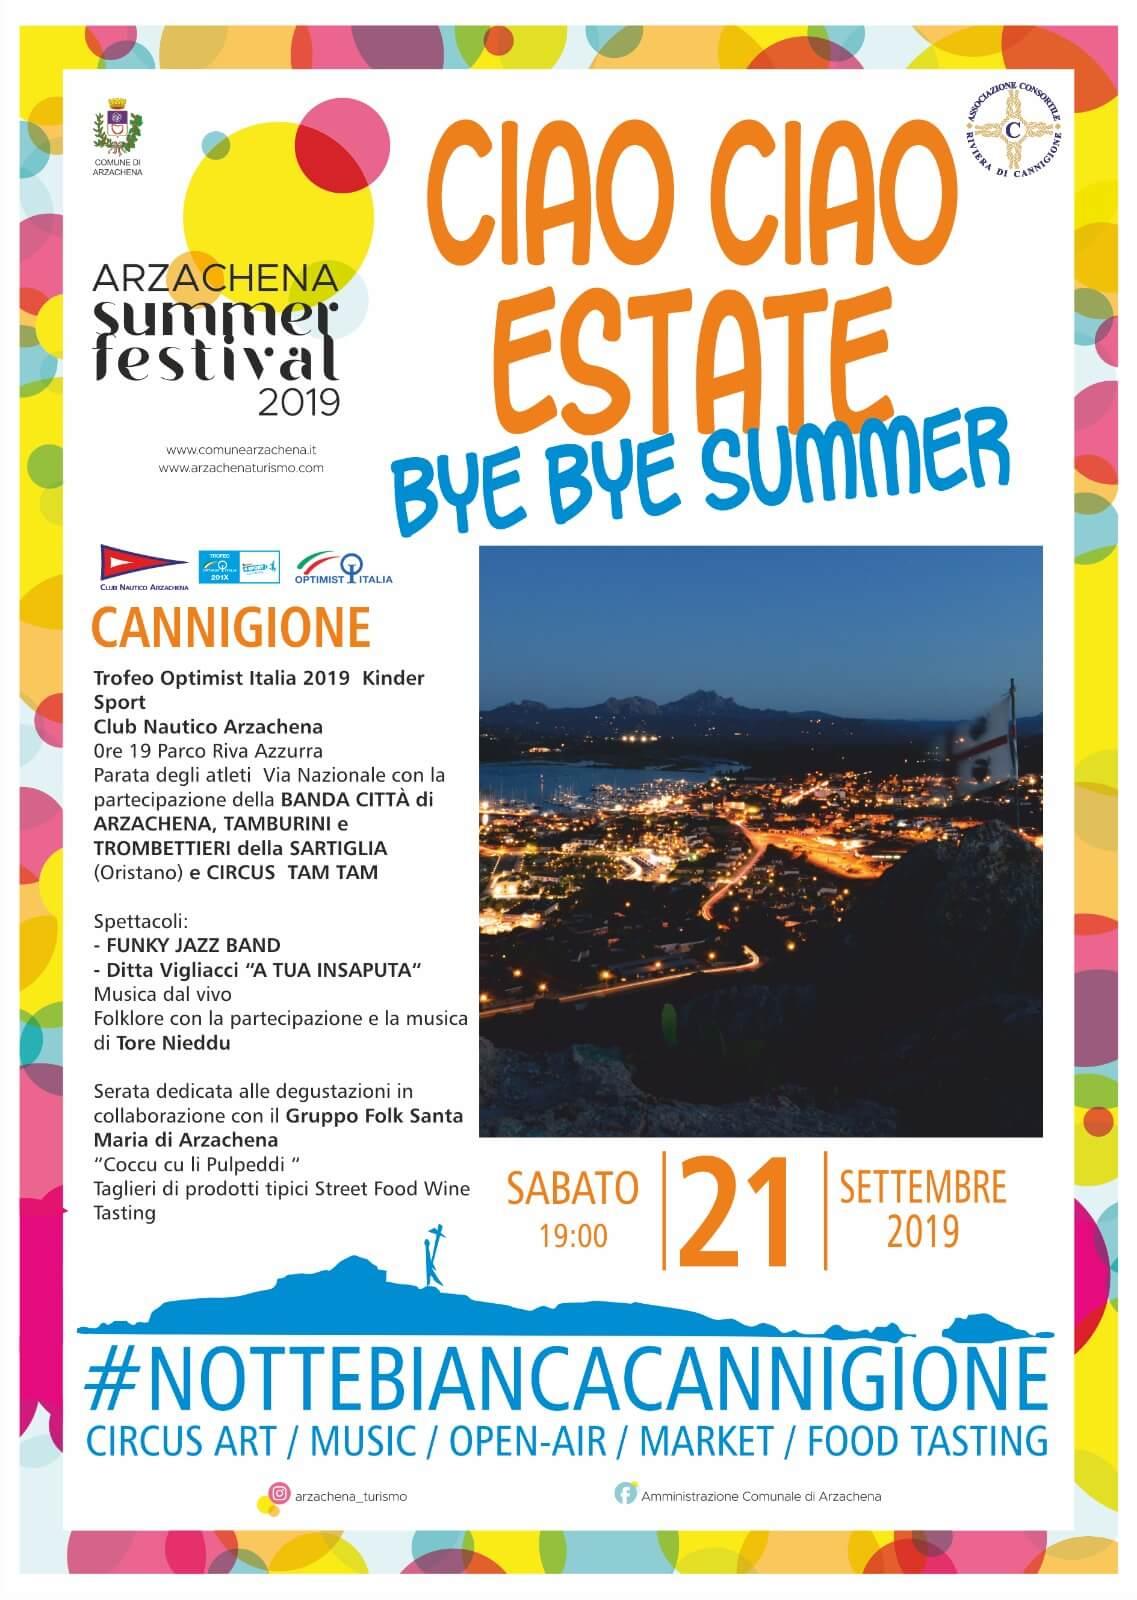 Ciao Ciao Estate Cannigione 2019